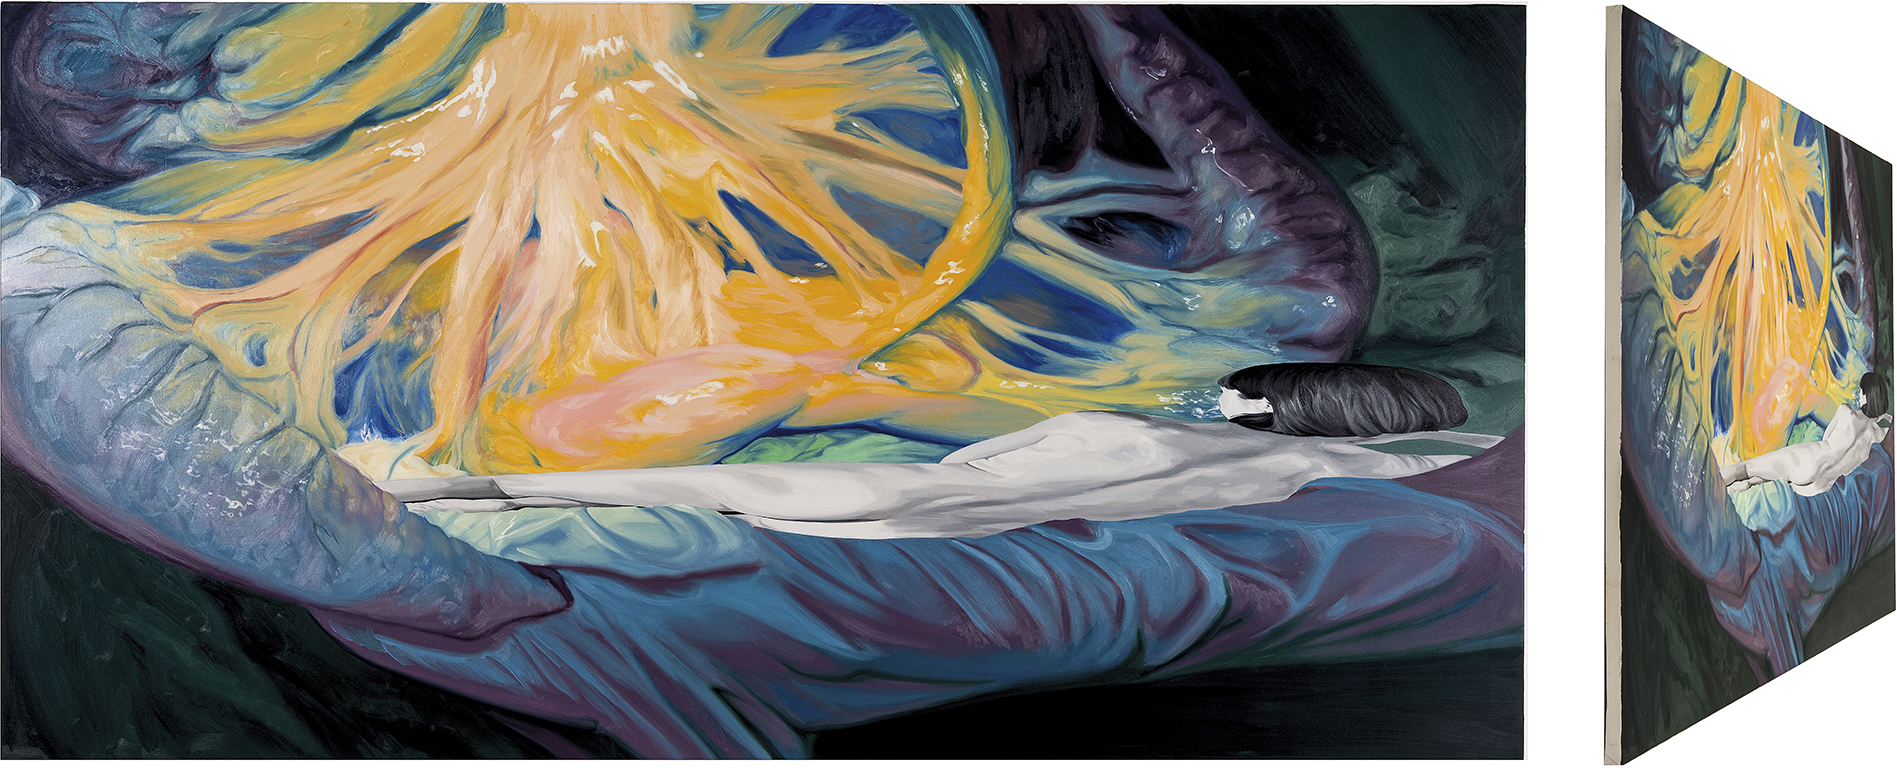 Venus del espejo. Óleo sobre lienzo. 90 x 180 cm.